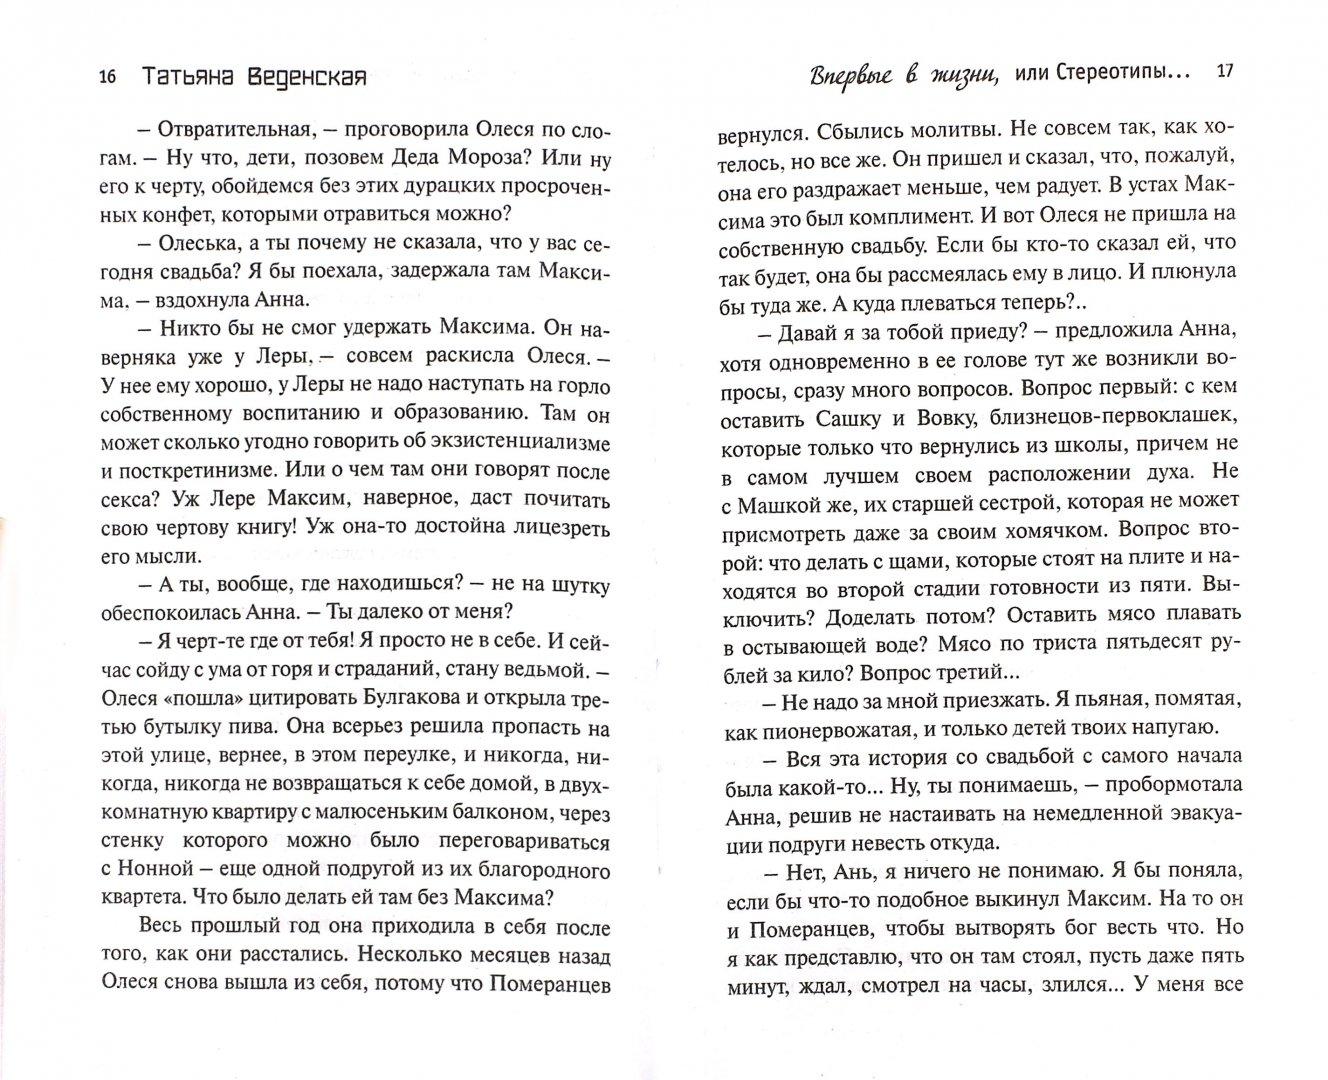 Иллюстрация 1 из 44 для Впервые в жизни, или Стереотипы взрослой женщины - Татьяна Веденская   Лабиринт - книги. Источник: Лабиринт